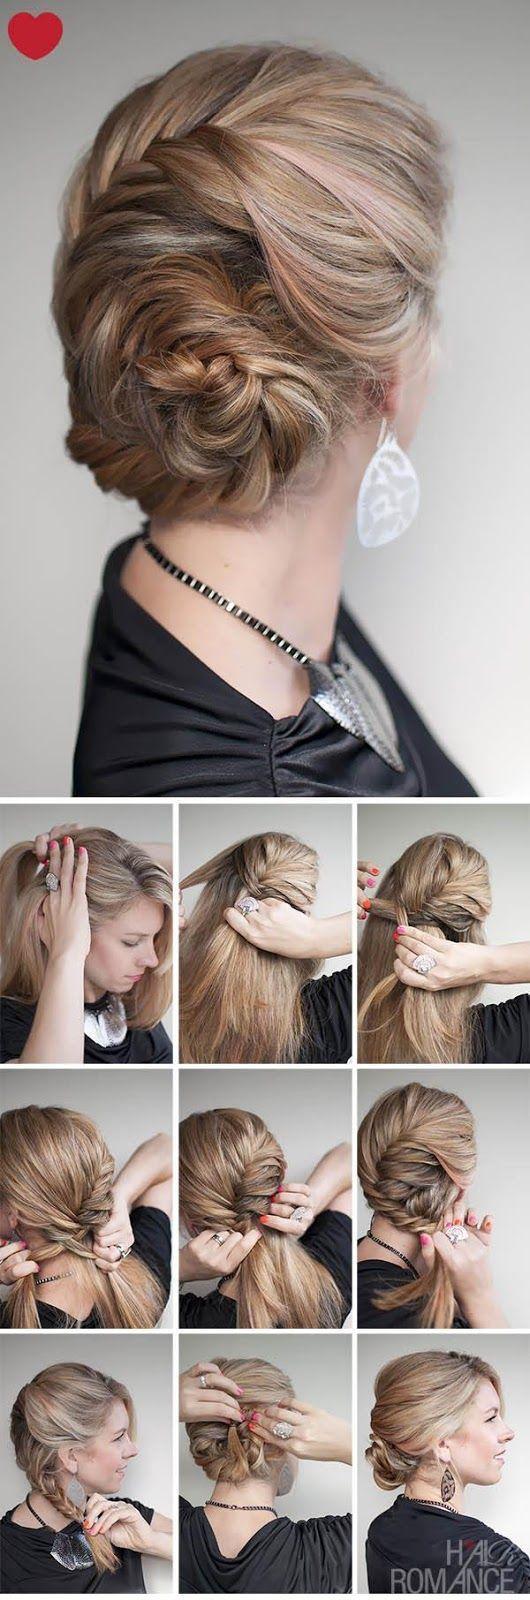 Классические прически на длинные волосы своими руками 82